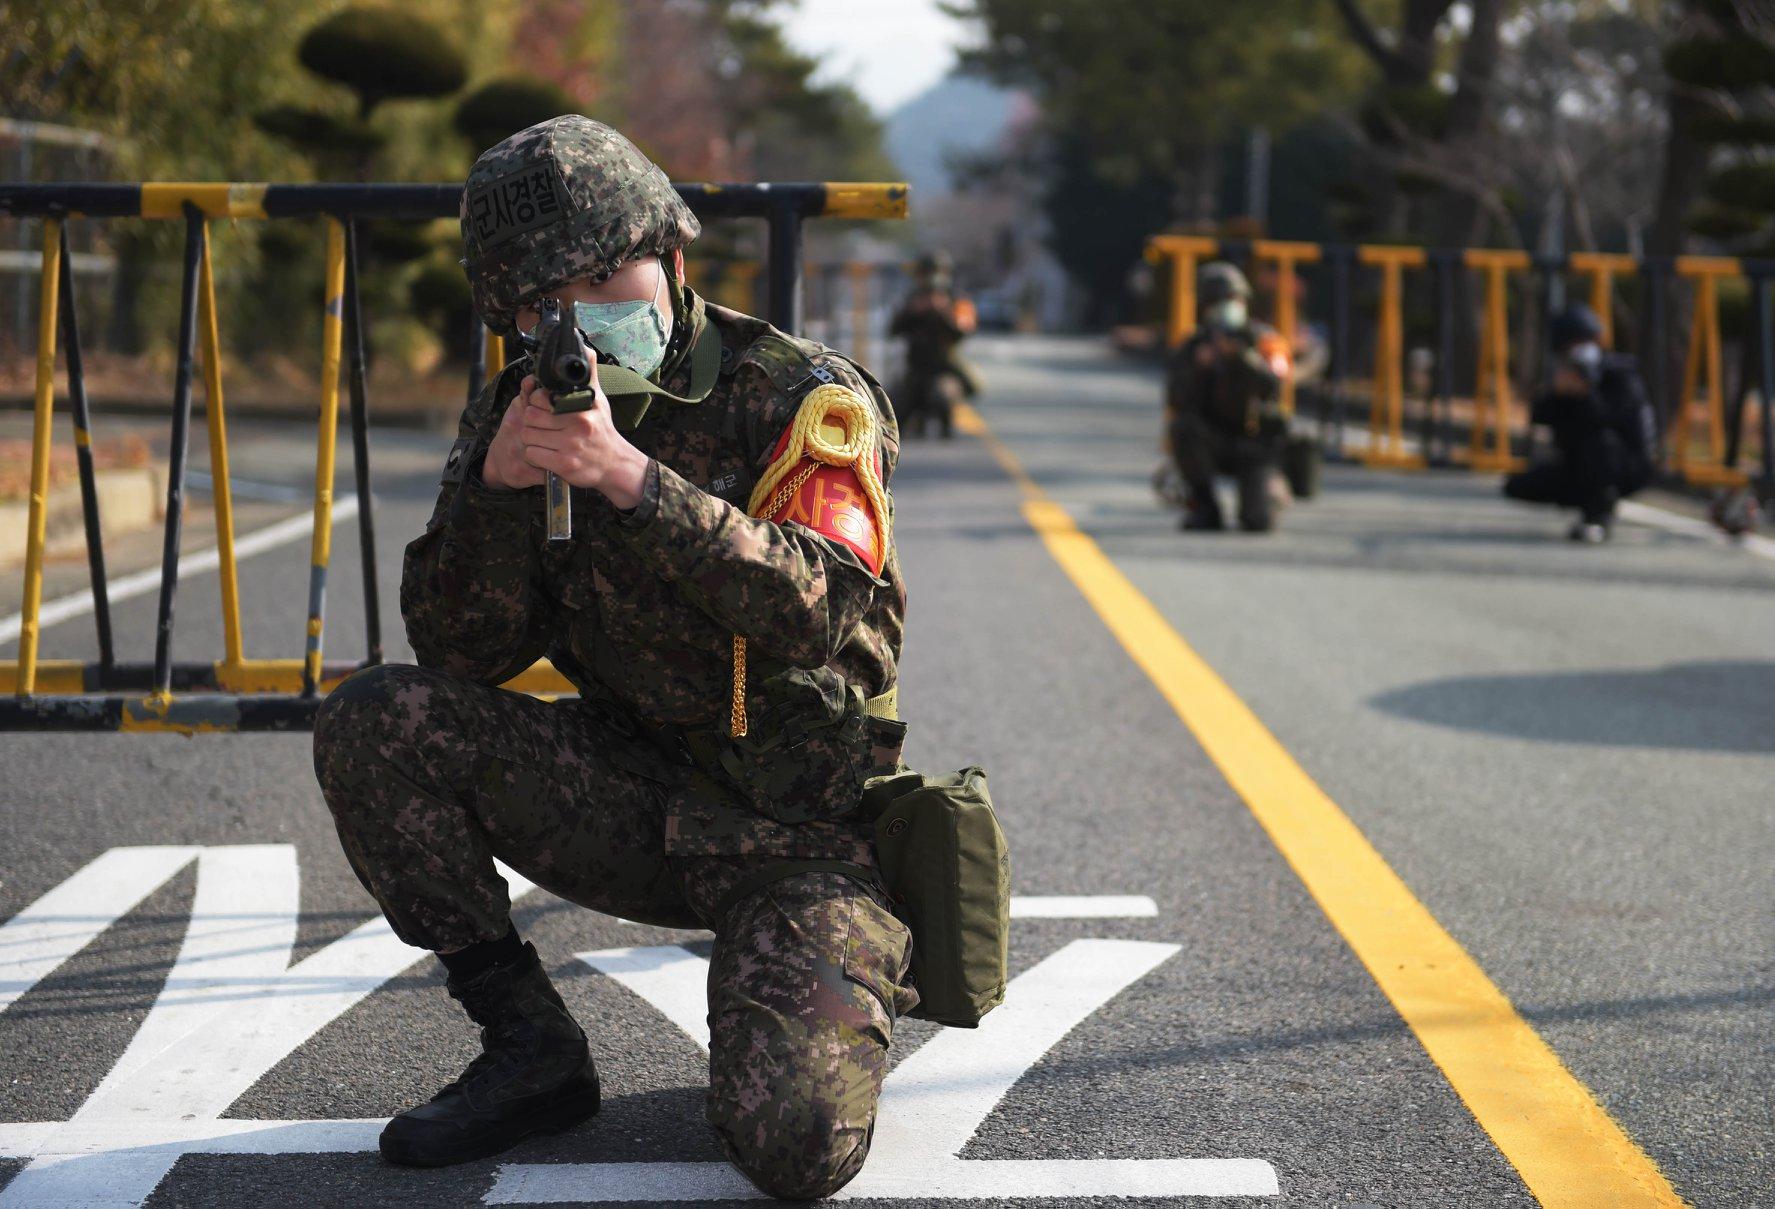 韩军举行联合反恐演习 士兵佩戴口罩参加战斗